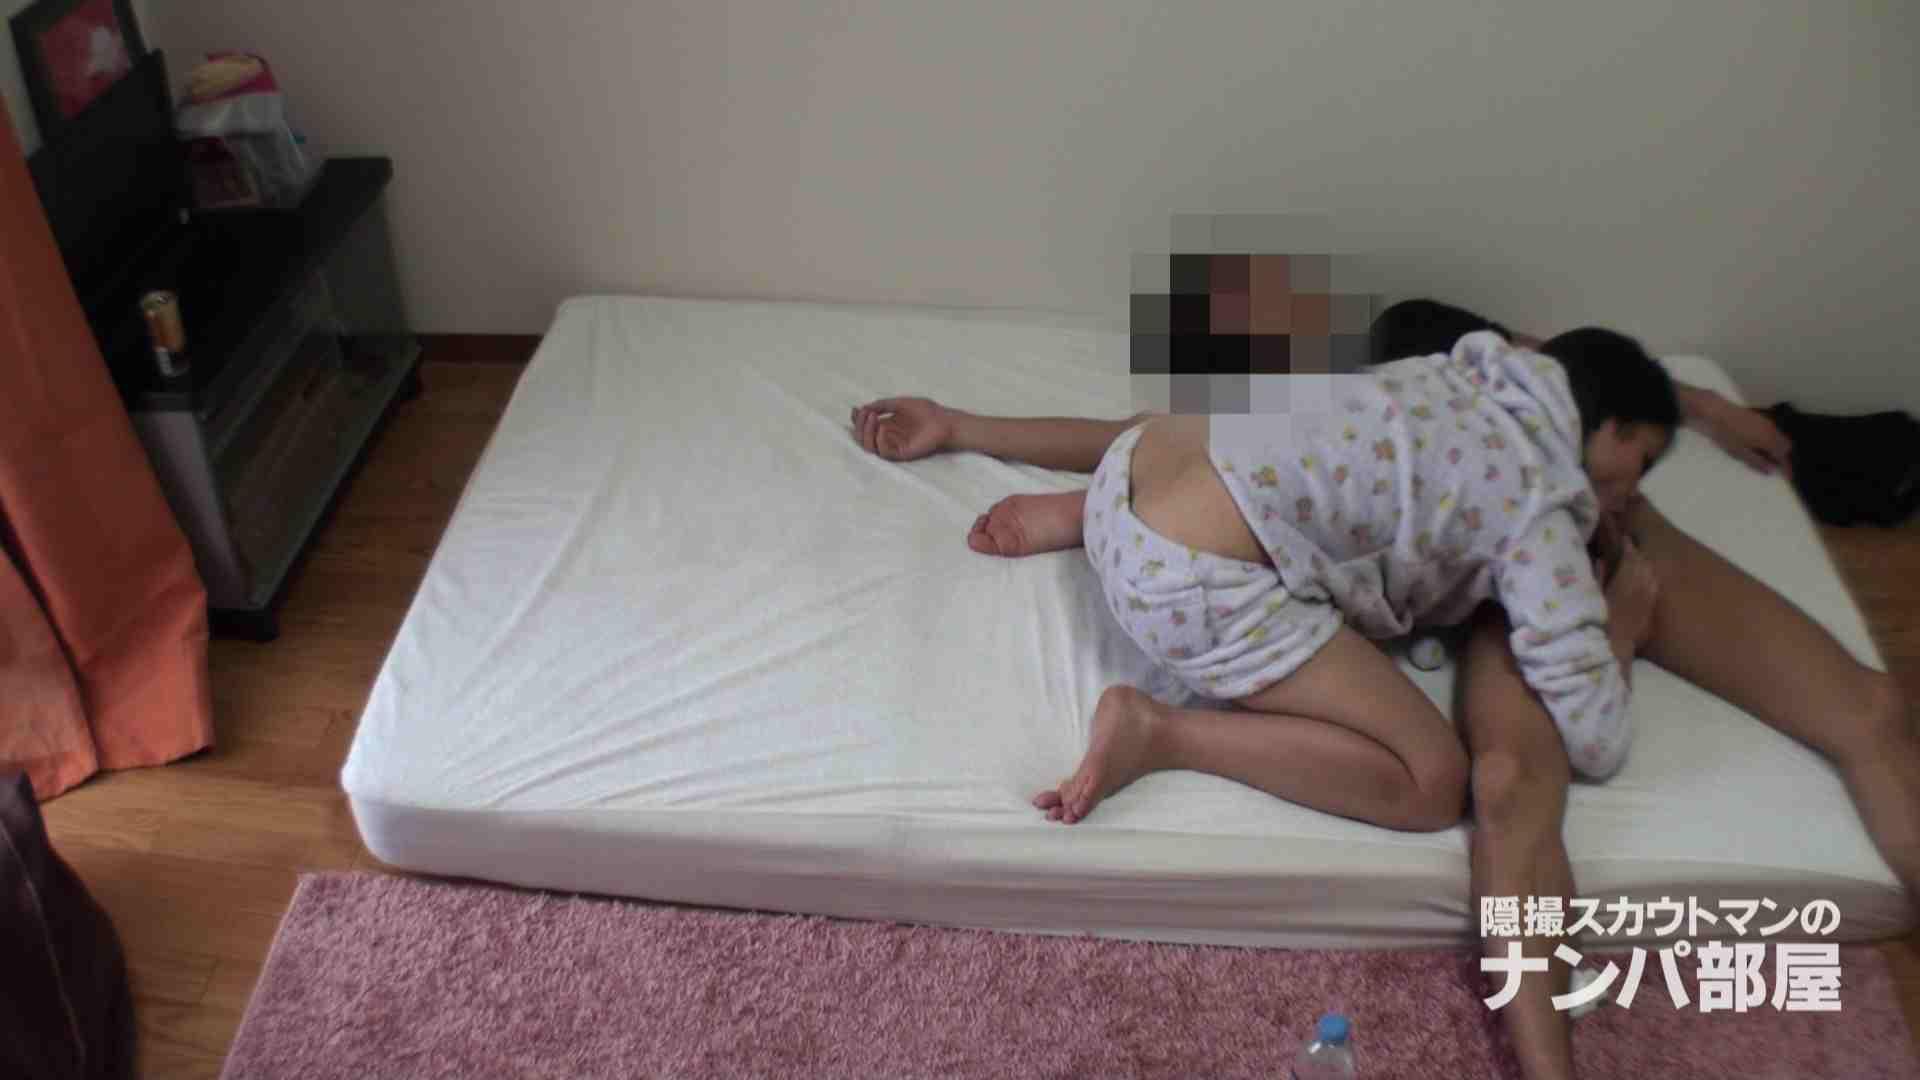 隠撮スカウトマンのナンパ部屋~風俗デビュー前のつまみ食い~hanavol.3 SEX セックス画像 107連発 87